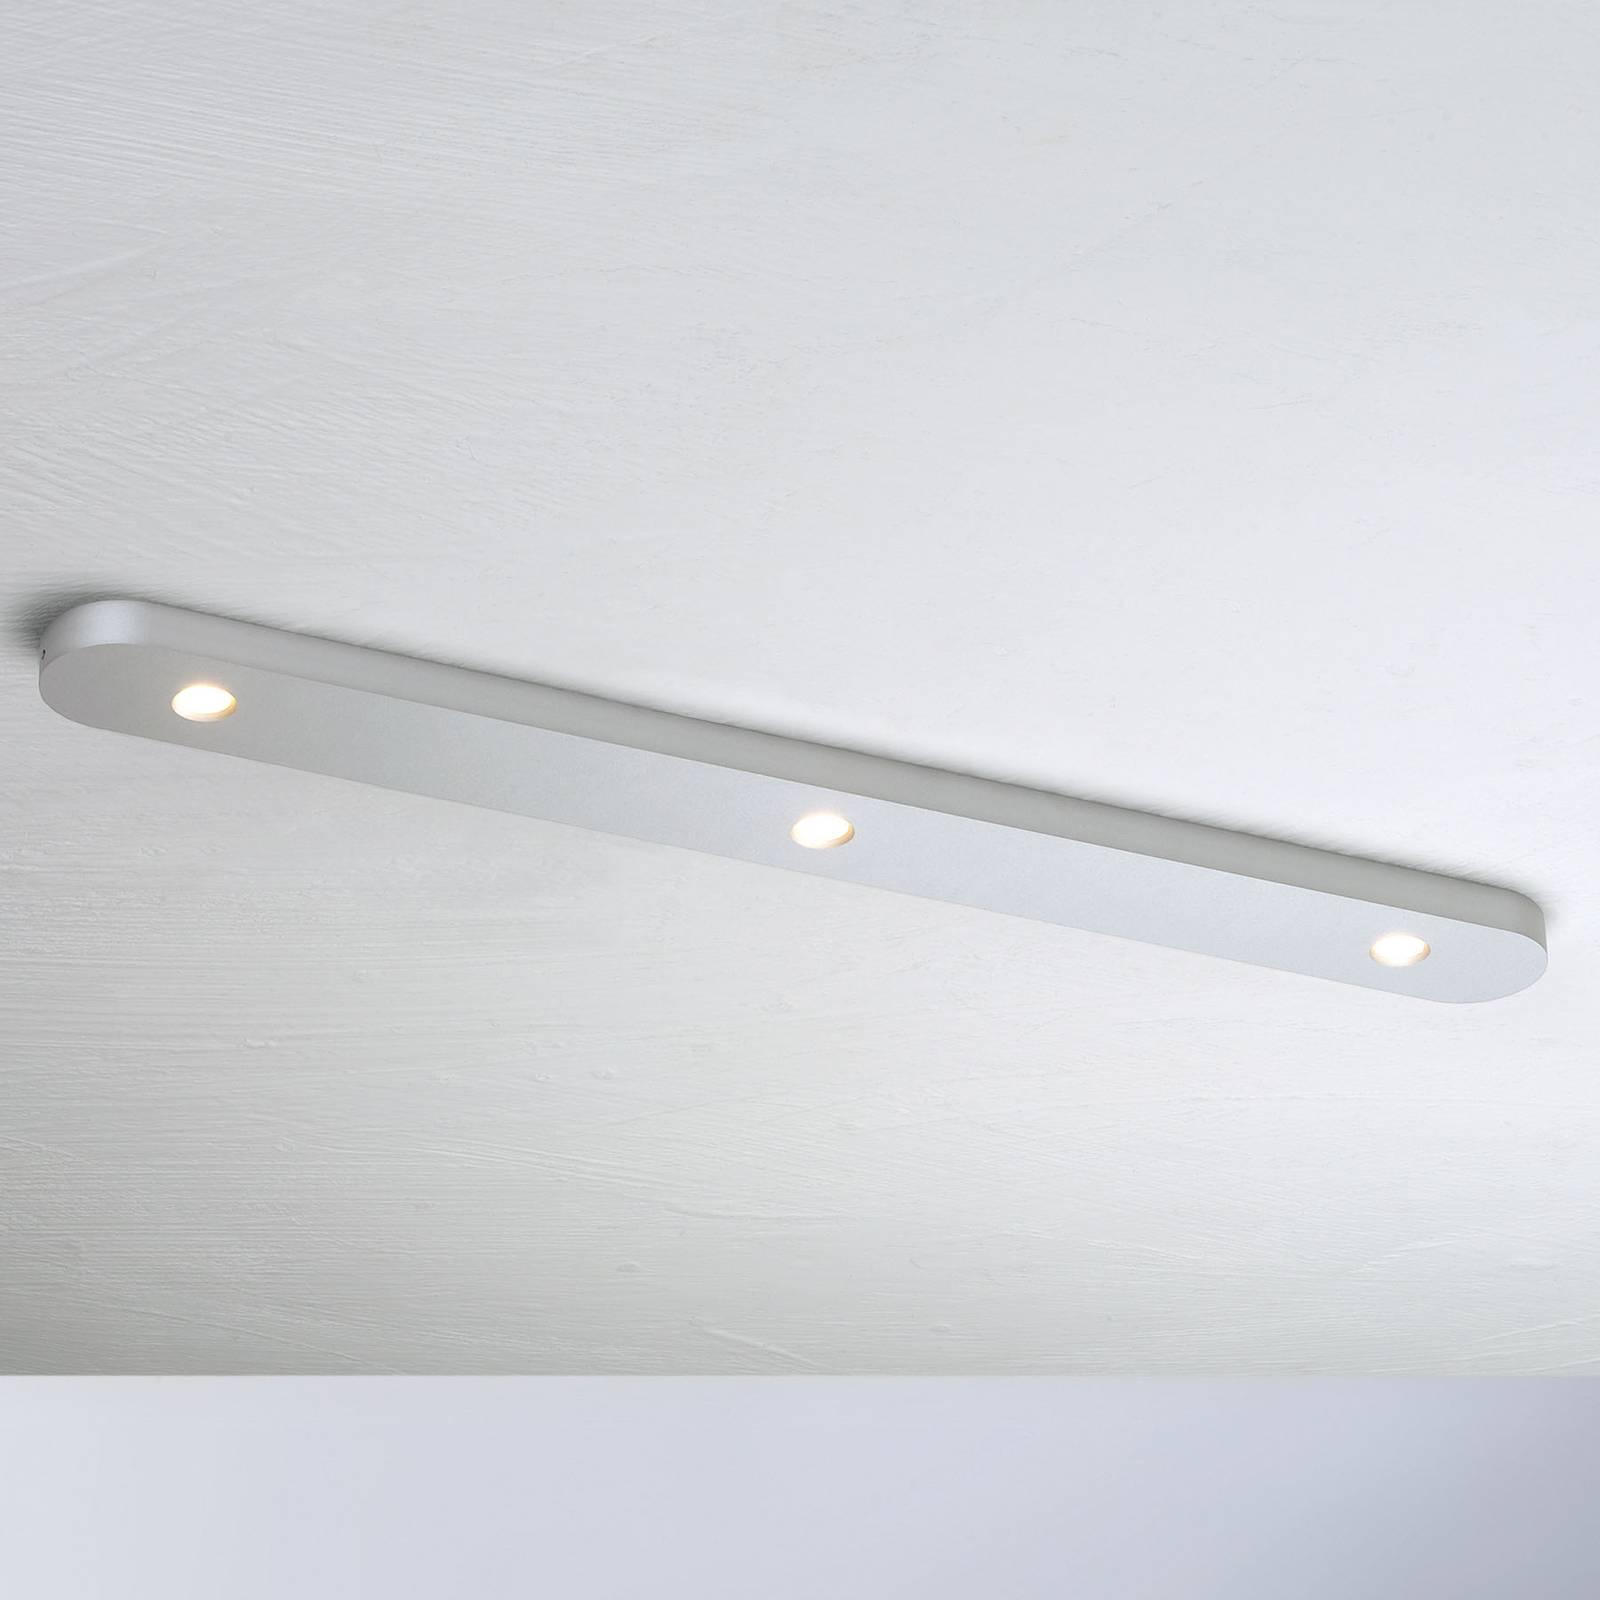 Bopp Close LED plafondlamp 3-lamps alu